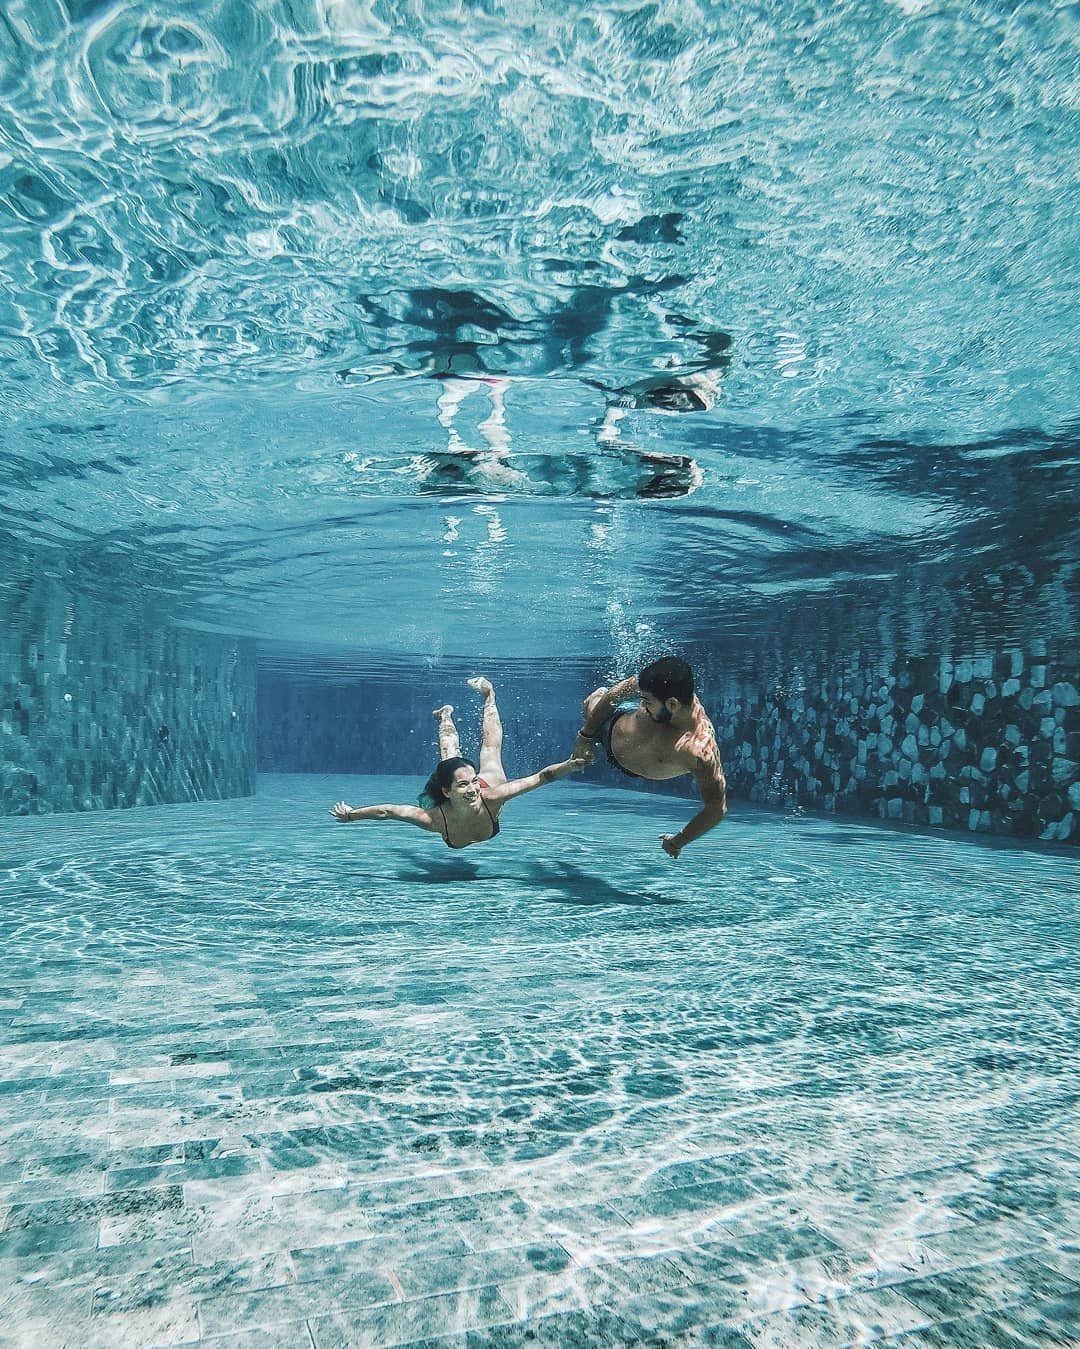 Hãy dành thời gian luyện tập nhiều để có được những bức hình dưới nước ưng ý. Hình: Sưu tầm